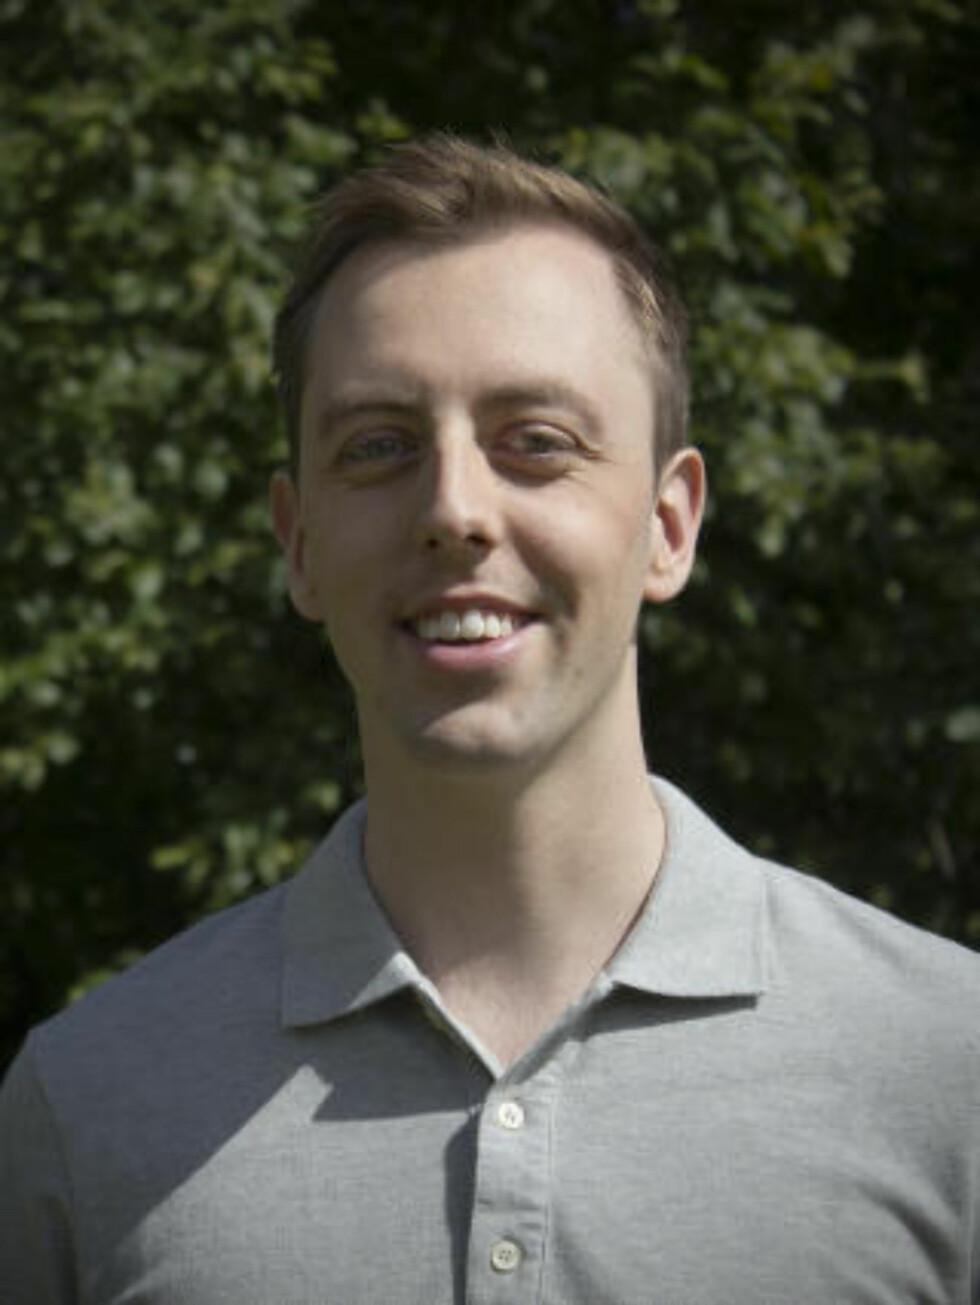 STØTTER SP: Lederen av SVs ungdomsparti, Nicholas Wilkinson, støtter Senterparti-lederen i hans syn på snøskuterkjøring i utmark. Foto: SU